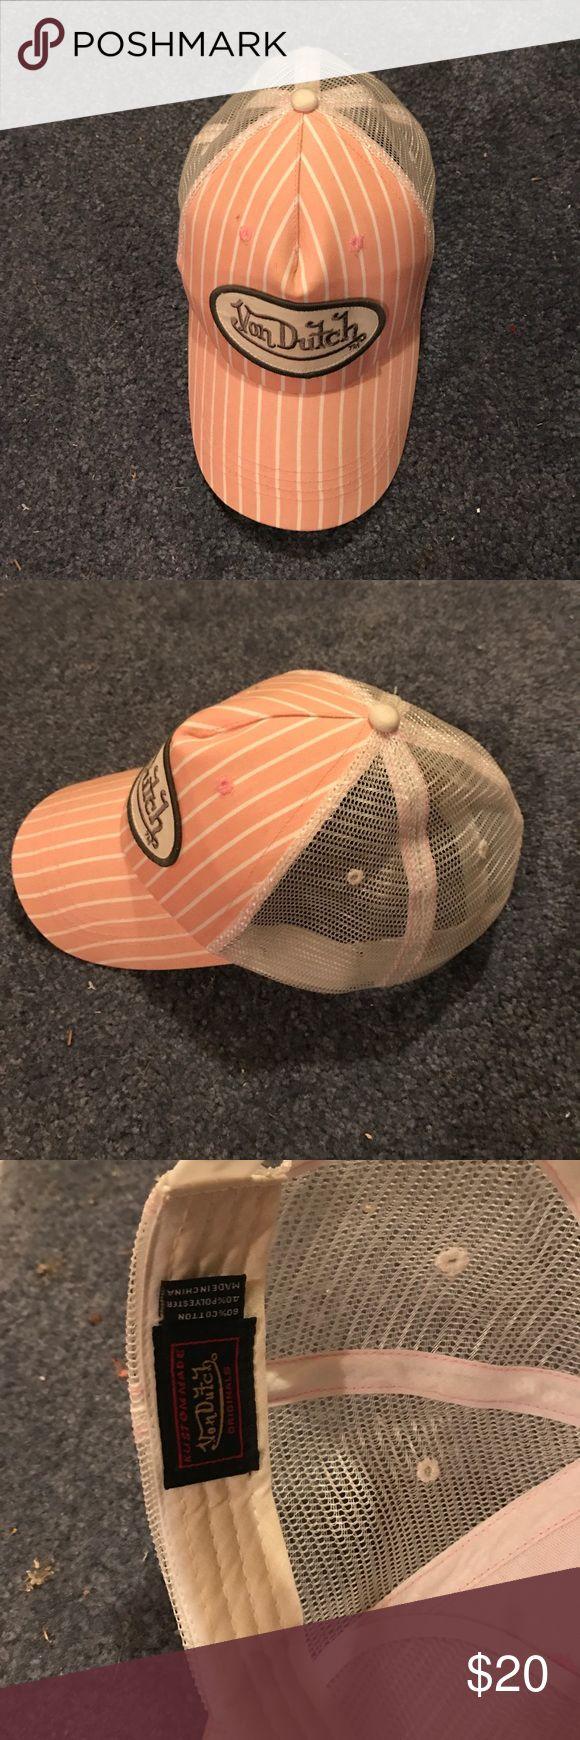 Pink Von Dutch trucker hat Pink and white stripped von Dutch hat with mesh backing. In great condition! Von Dutch Accessories Hats